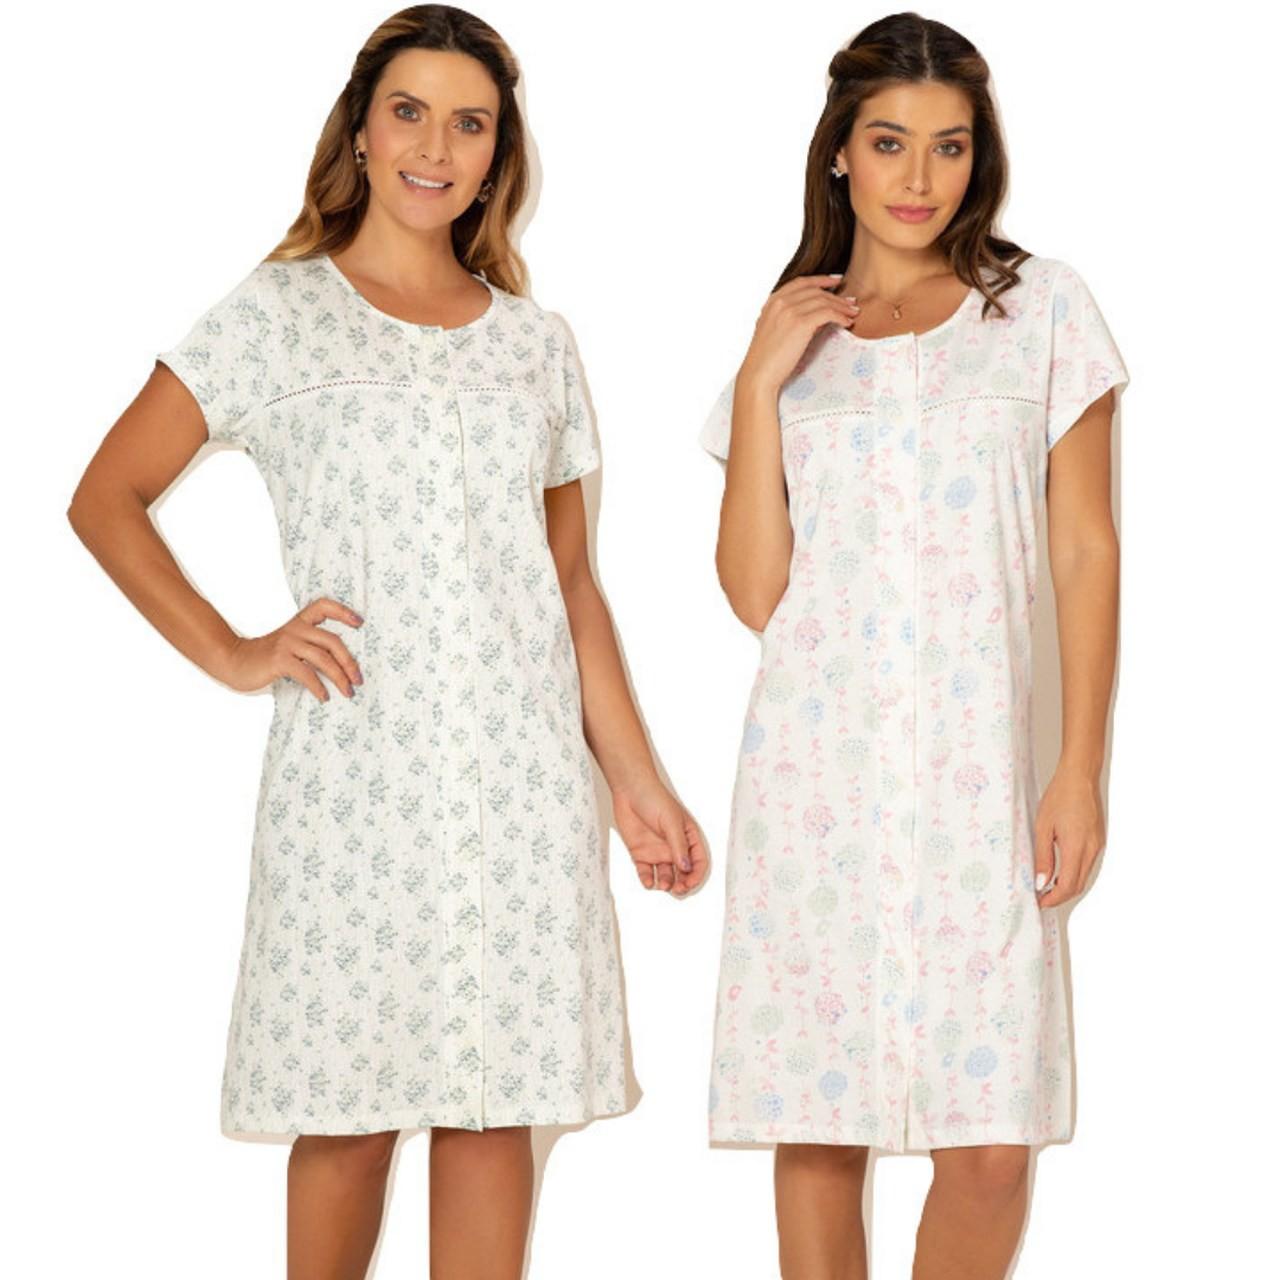 Camisola feminina algodão abertura frontal c/ botões